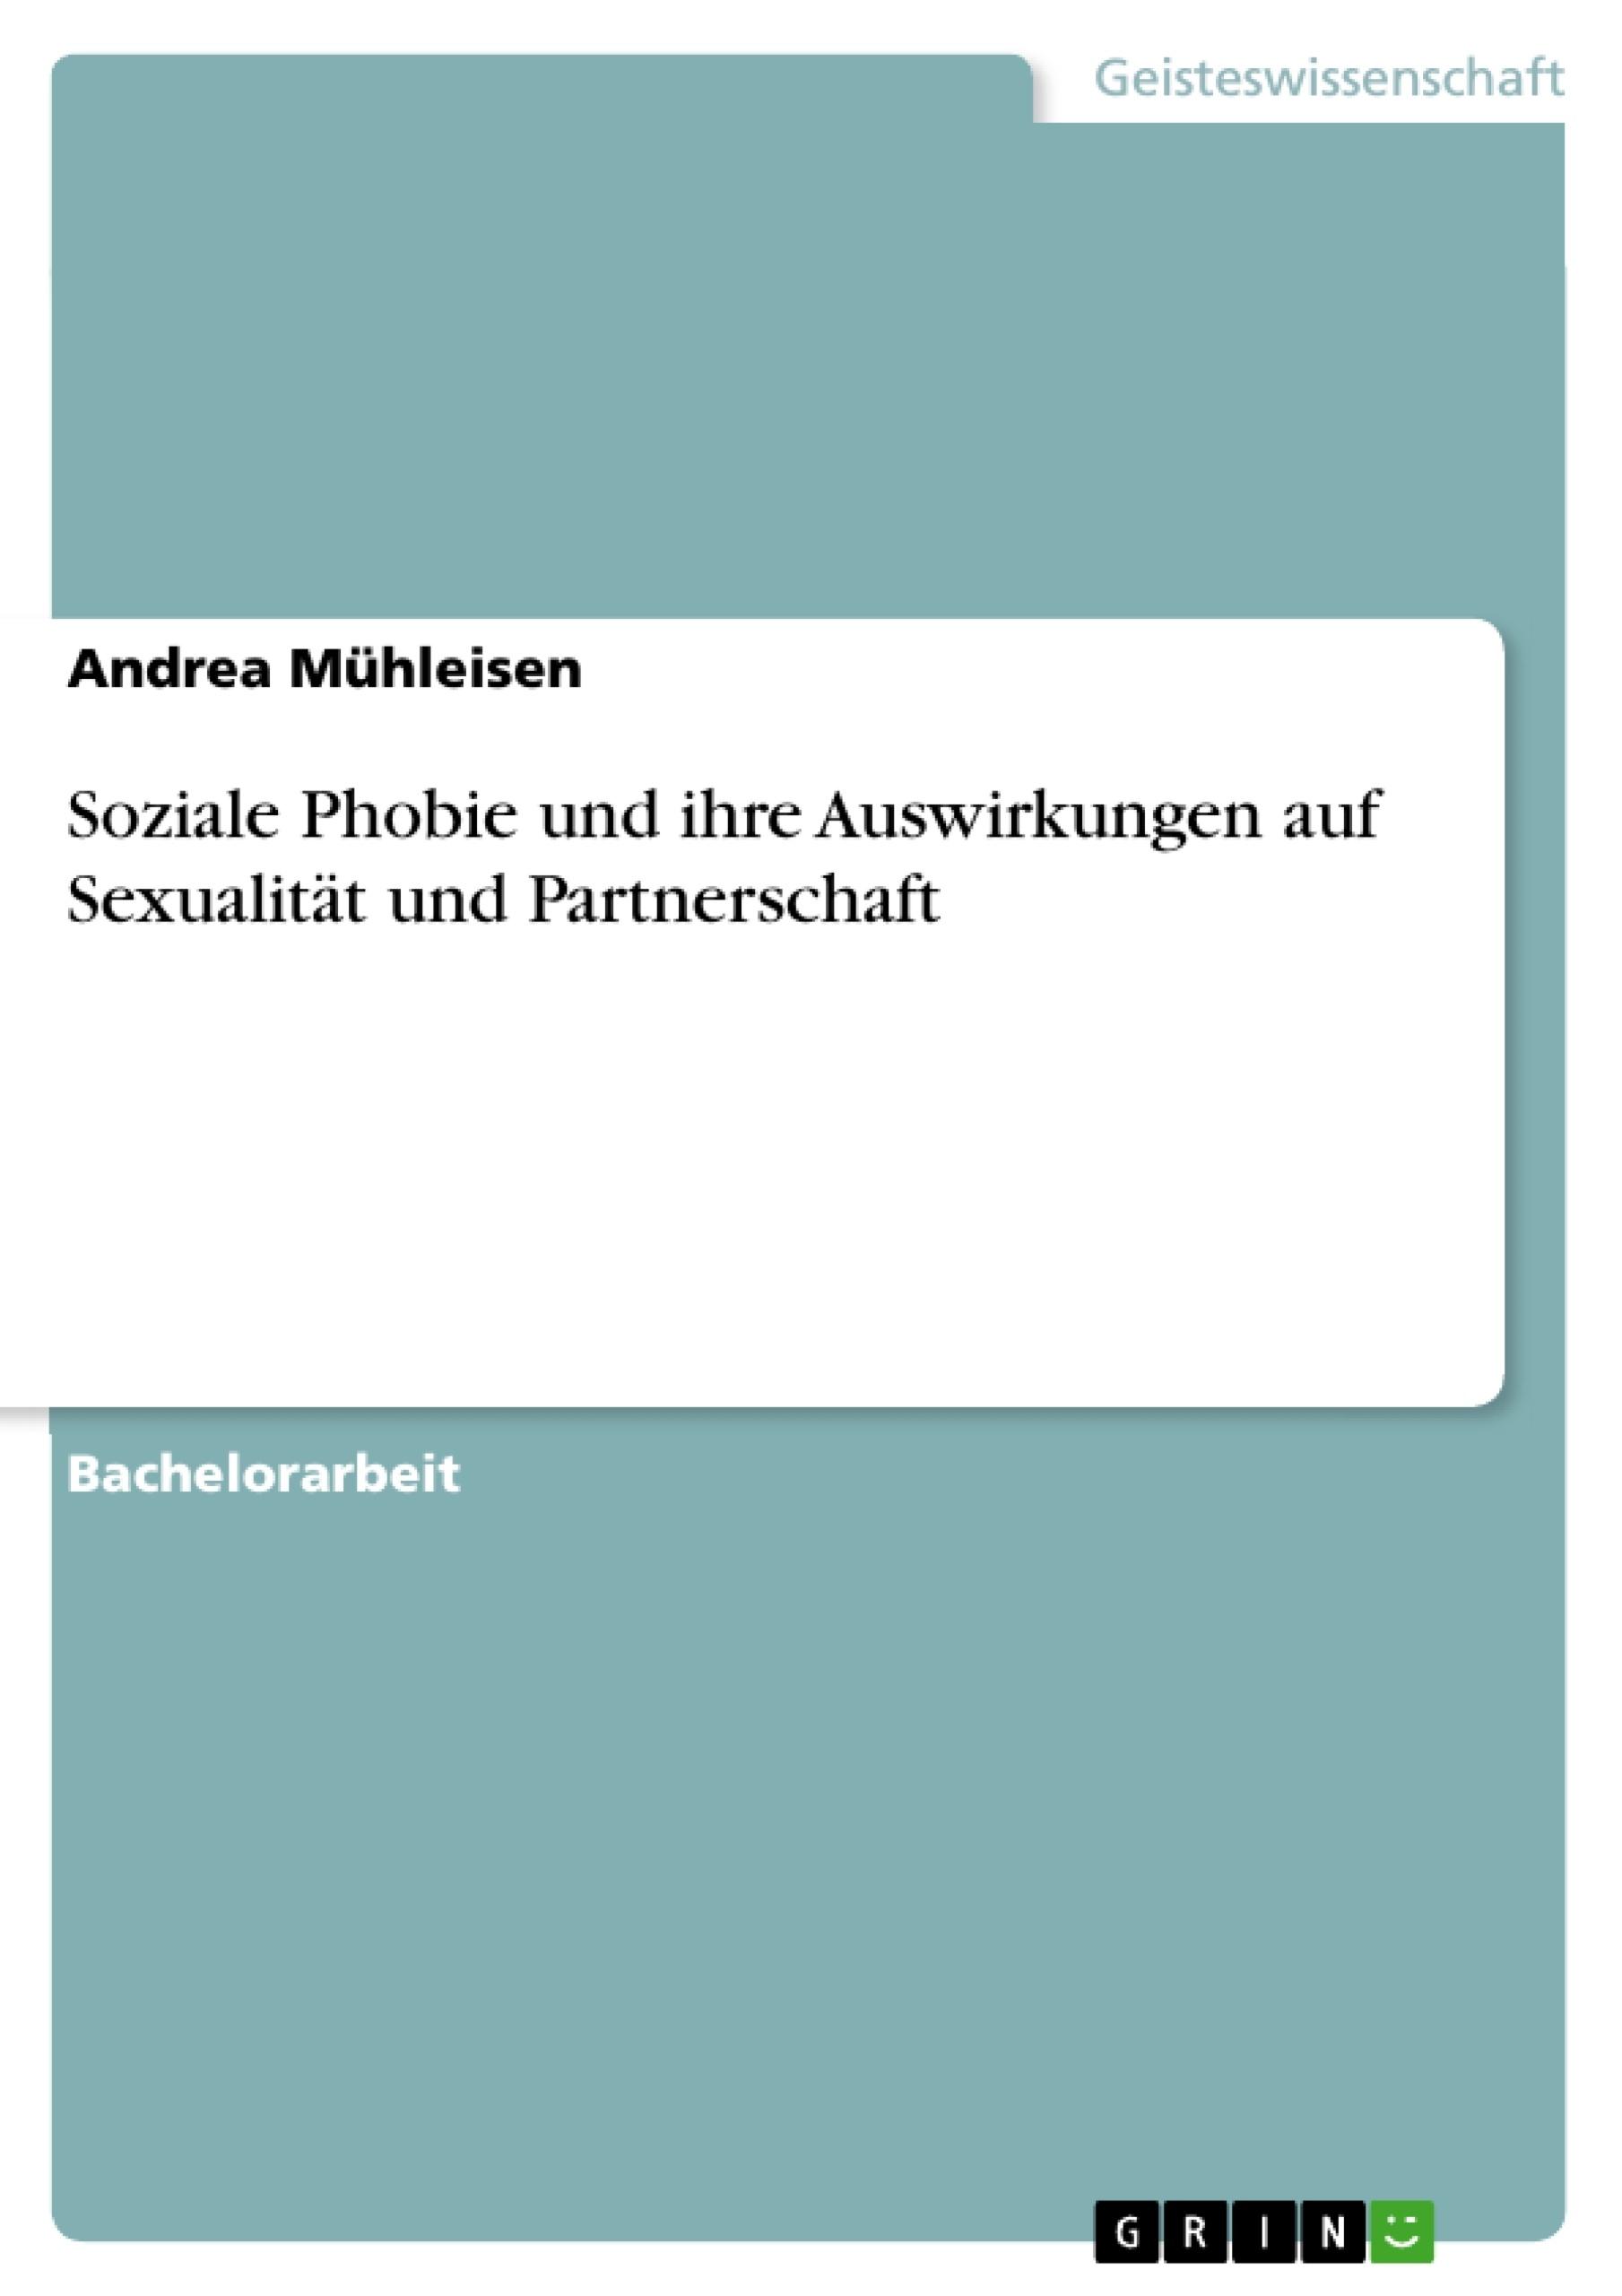 Titel: Soziale Phobie und ihre Auswirkungen auf Sexualität und Partnerschaft